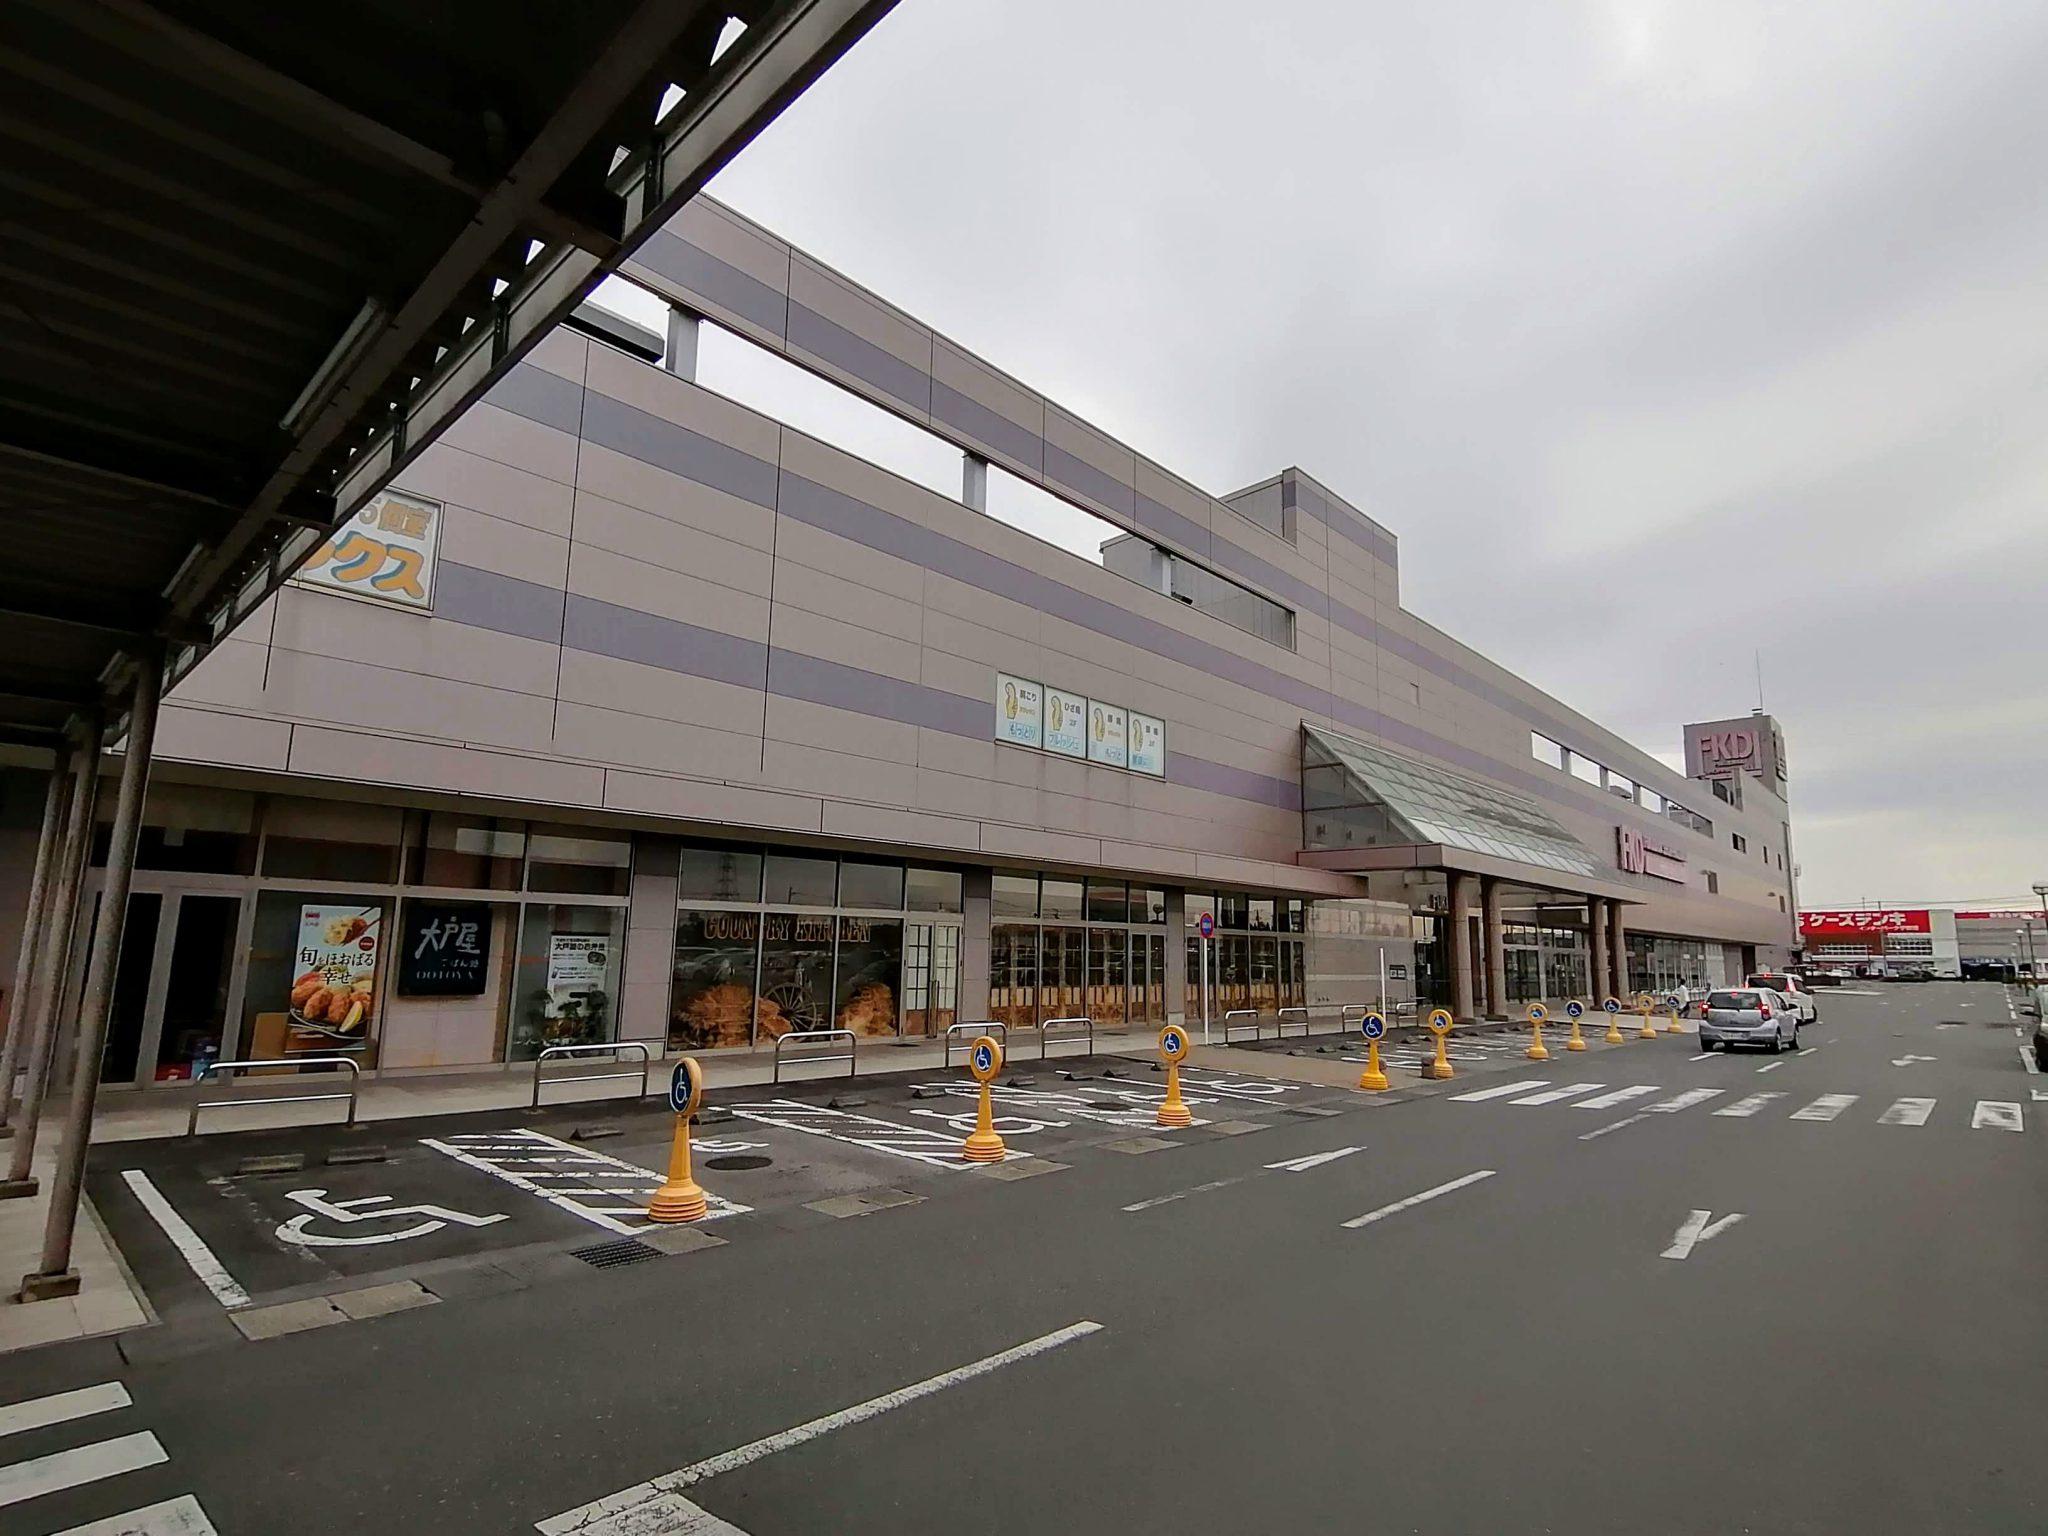 FKDインターパーク店は3月7日(土)も休店、明日の営業は?